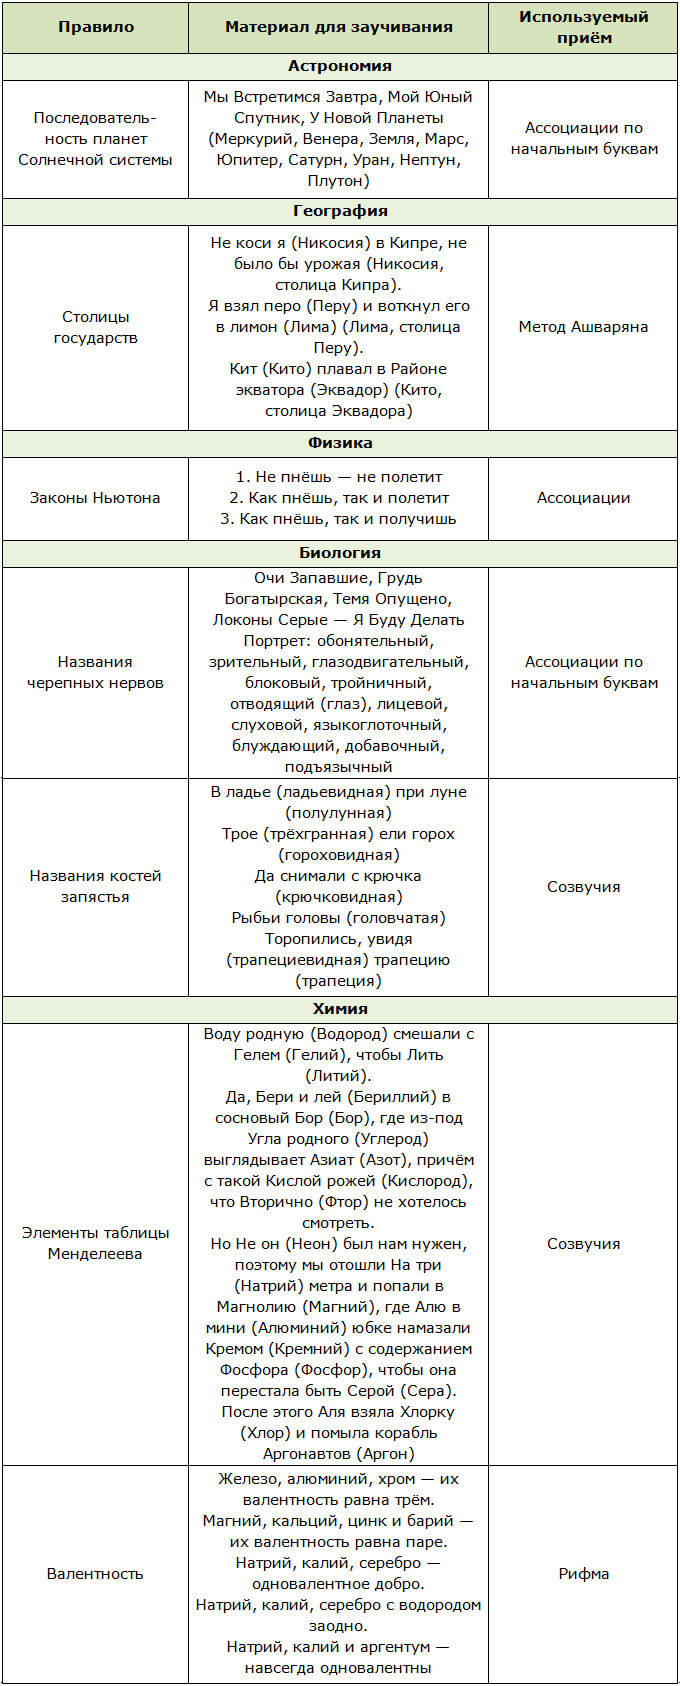 Мнемонические техники по разным учебным дисциплинам